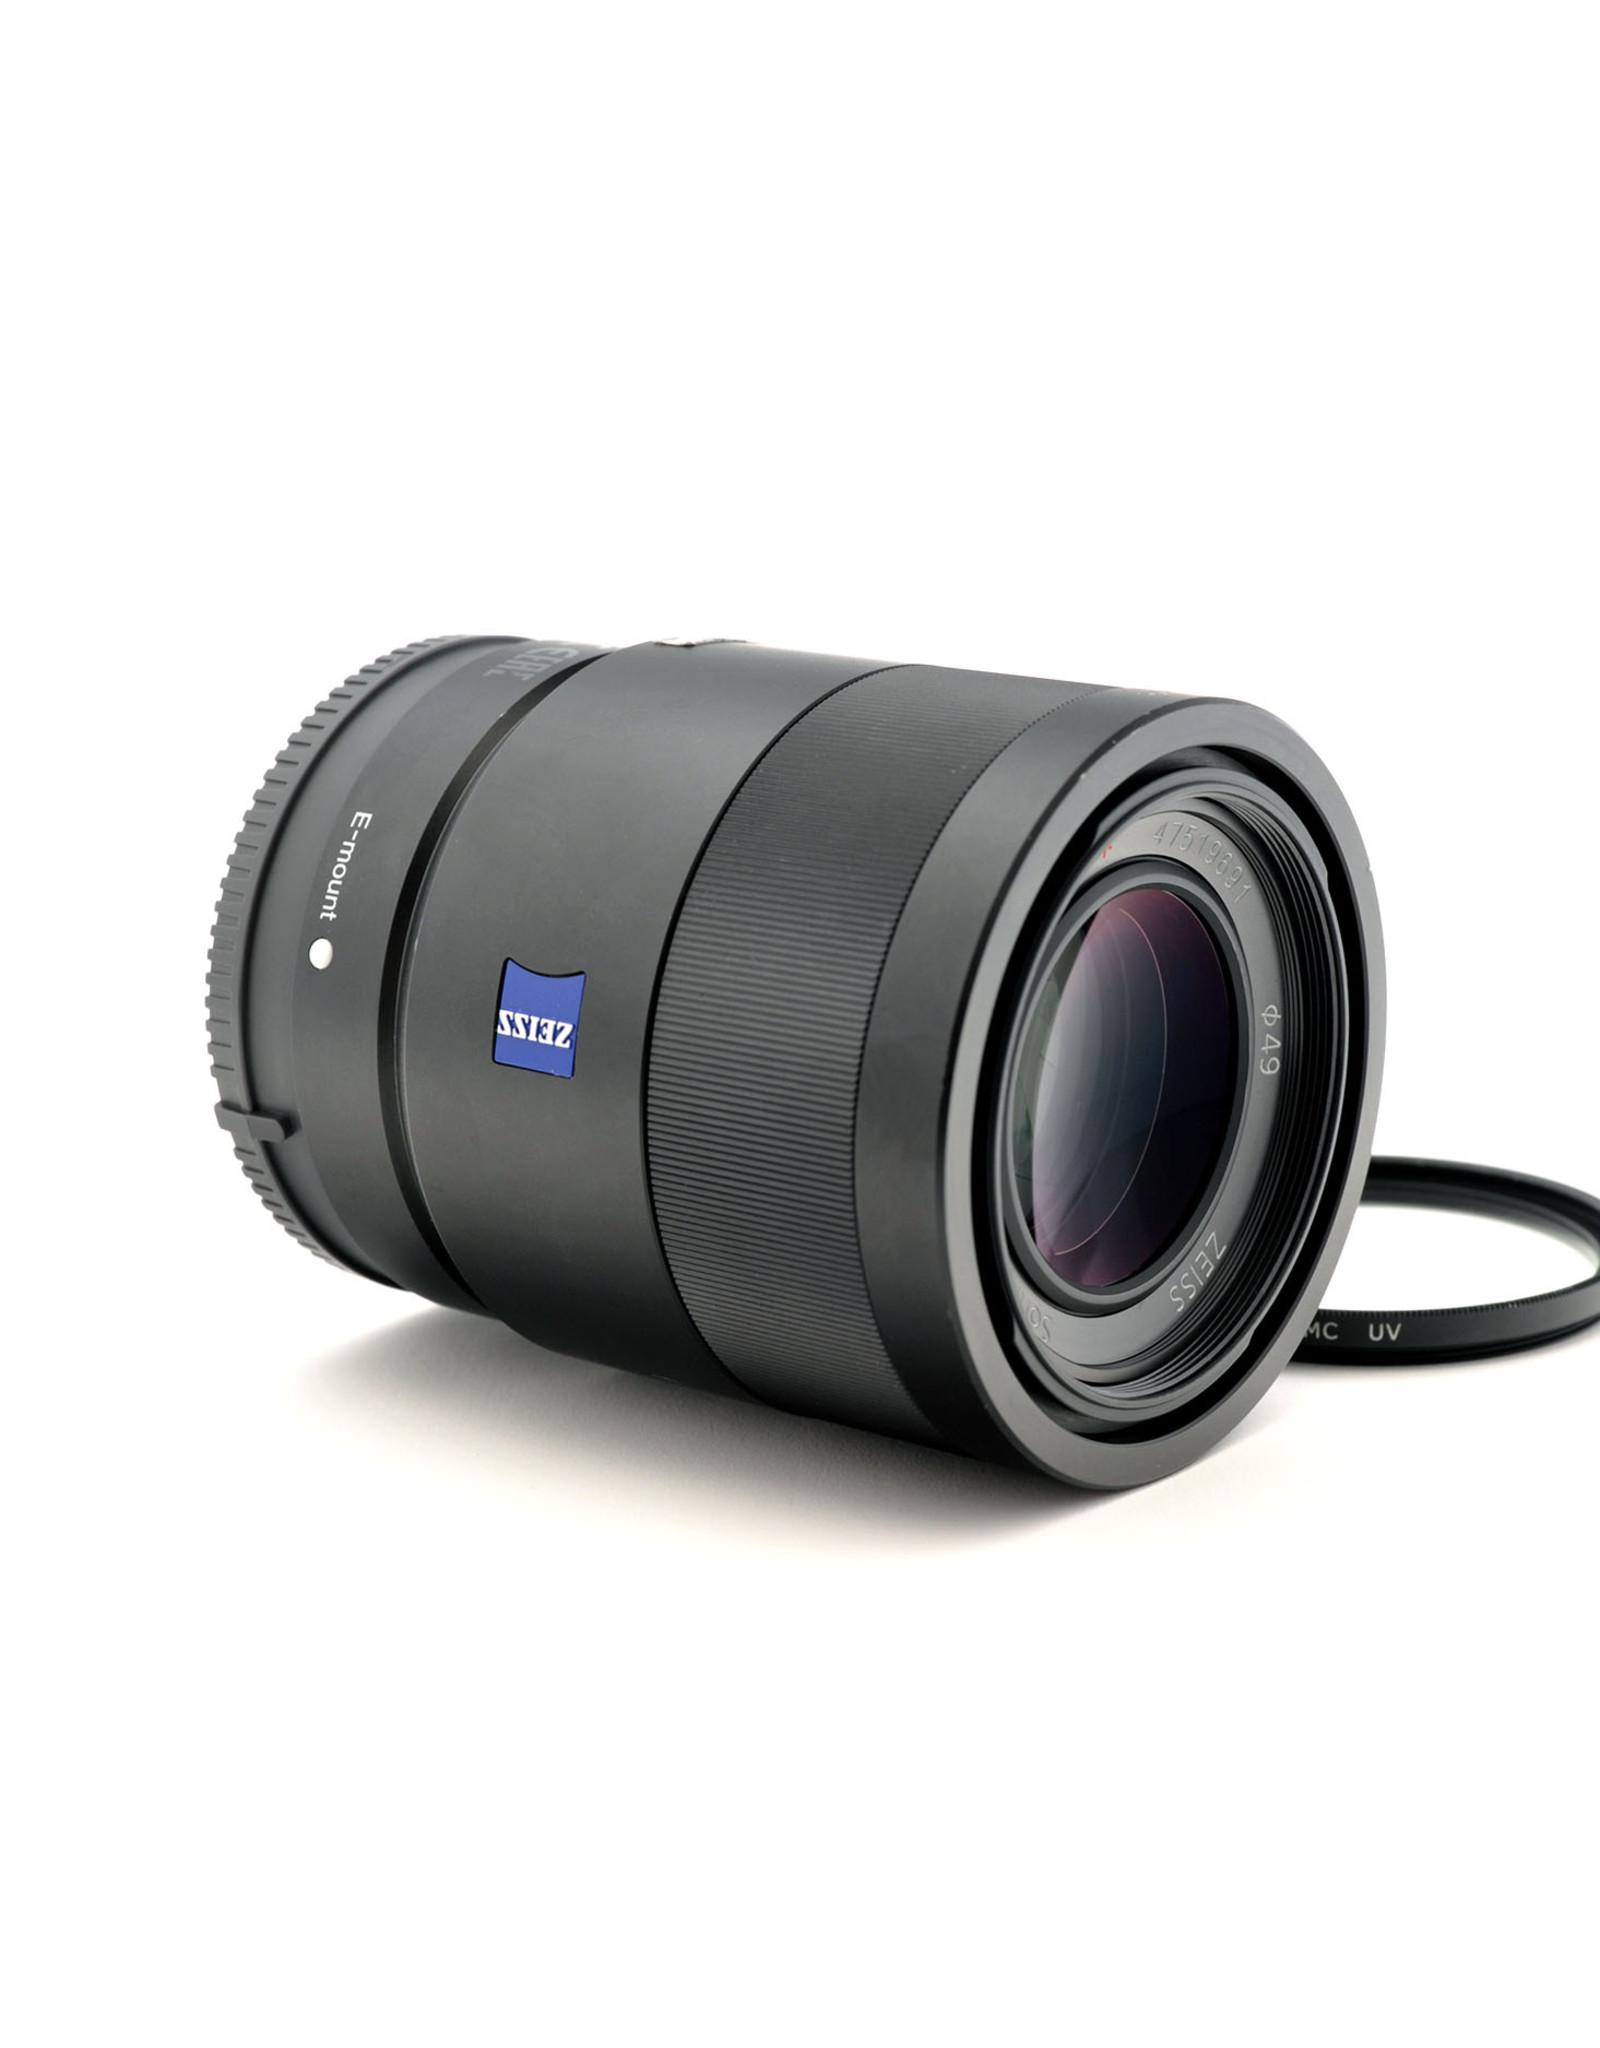 Sony Sony FE55mm f1.8 ZA Sonnar T*   AP1090808